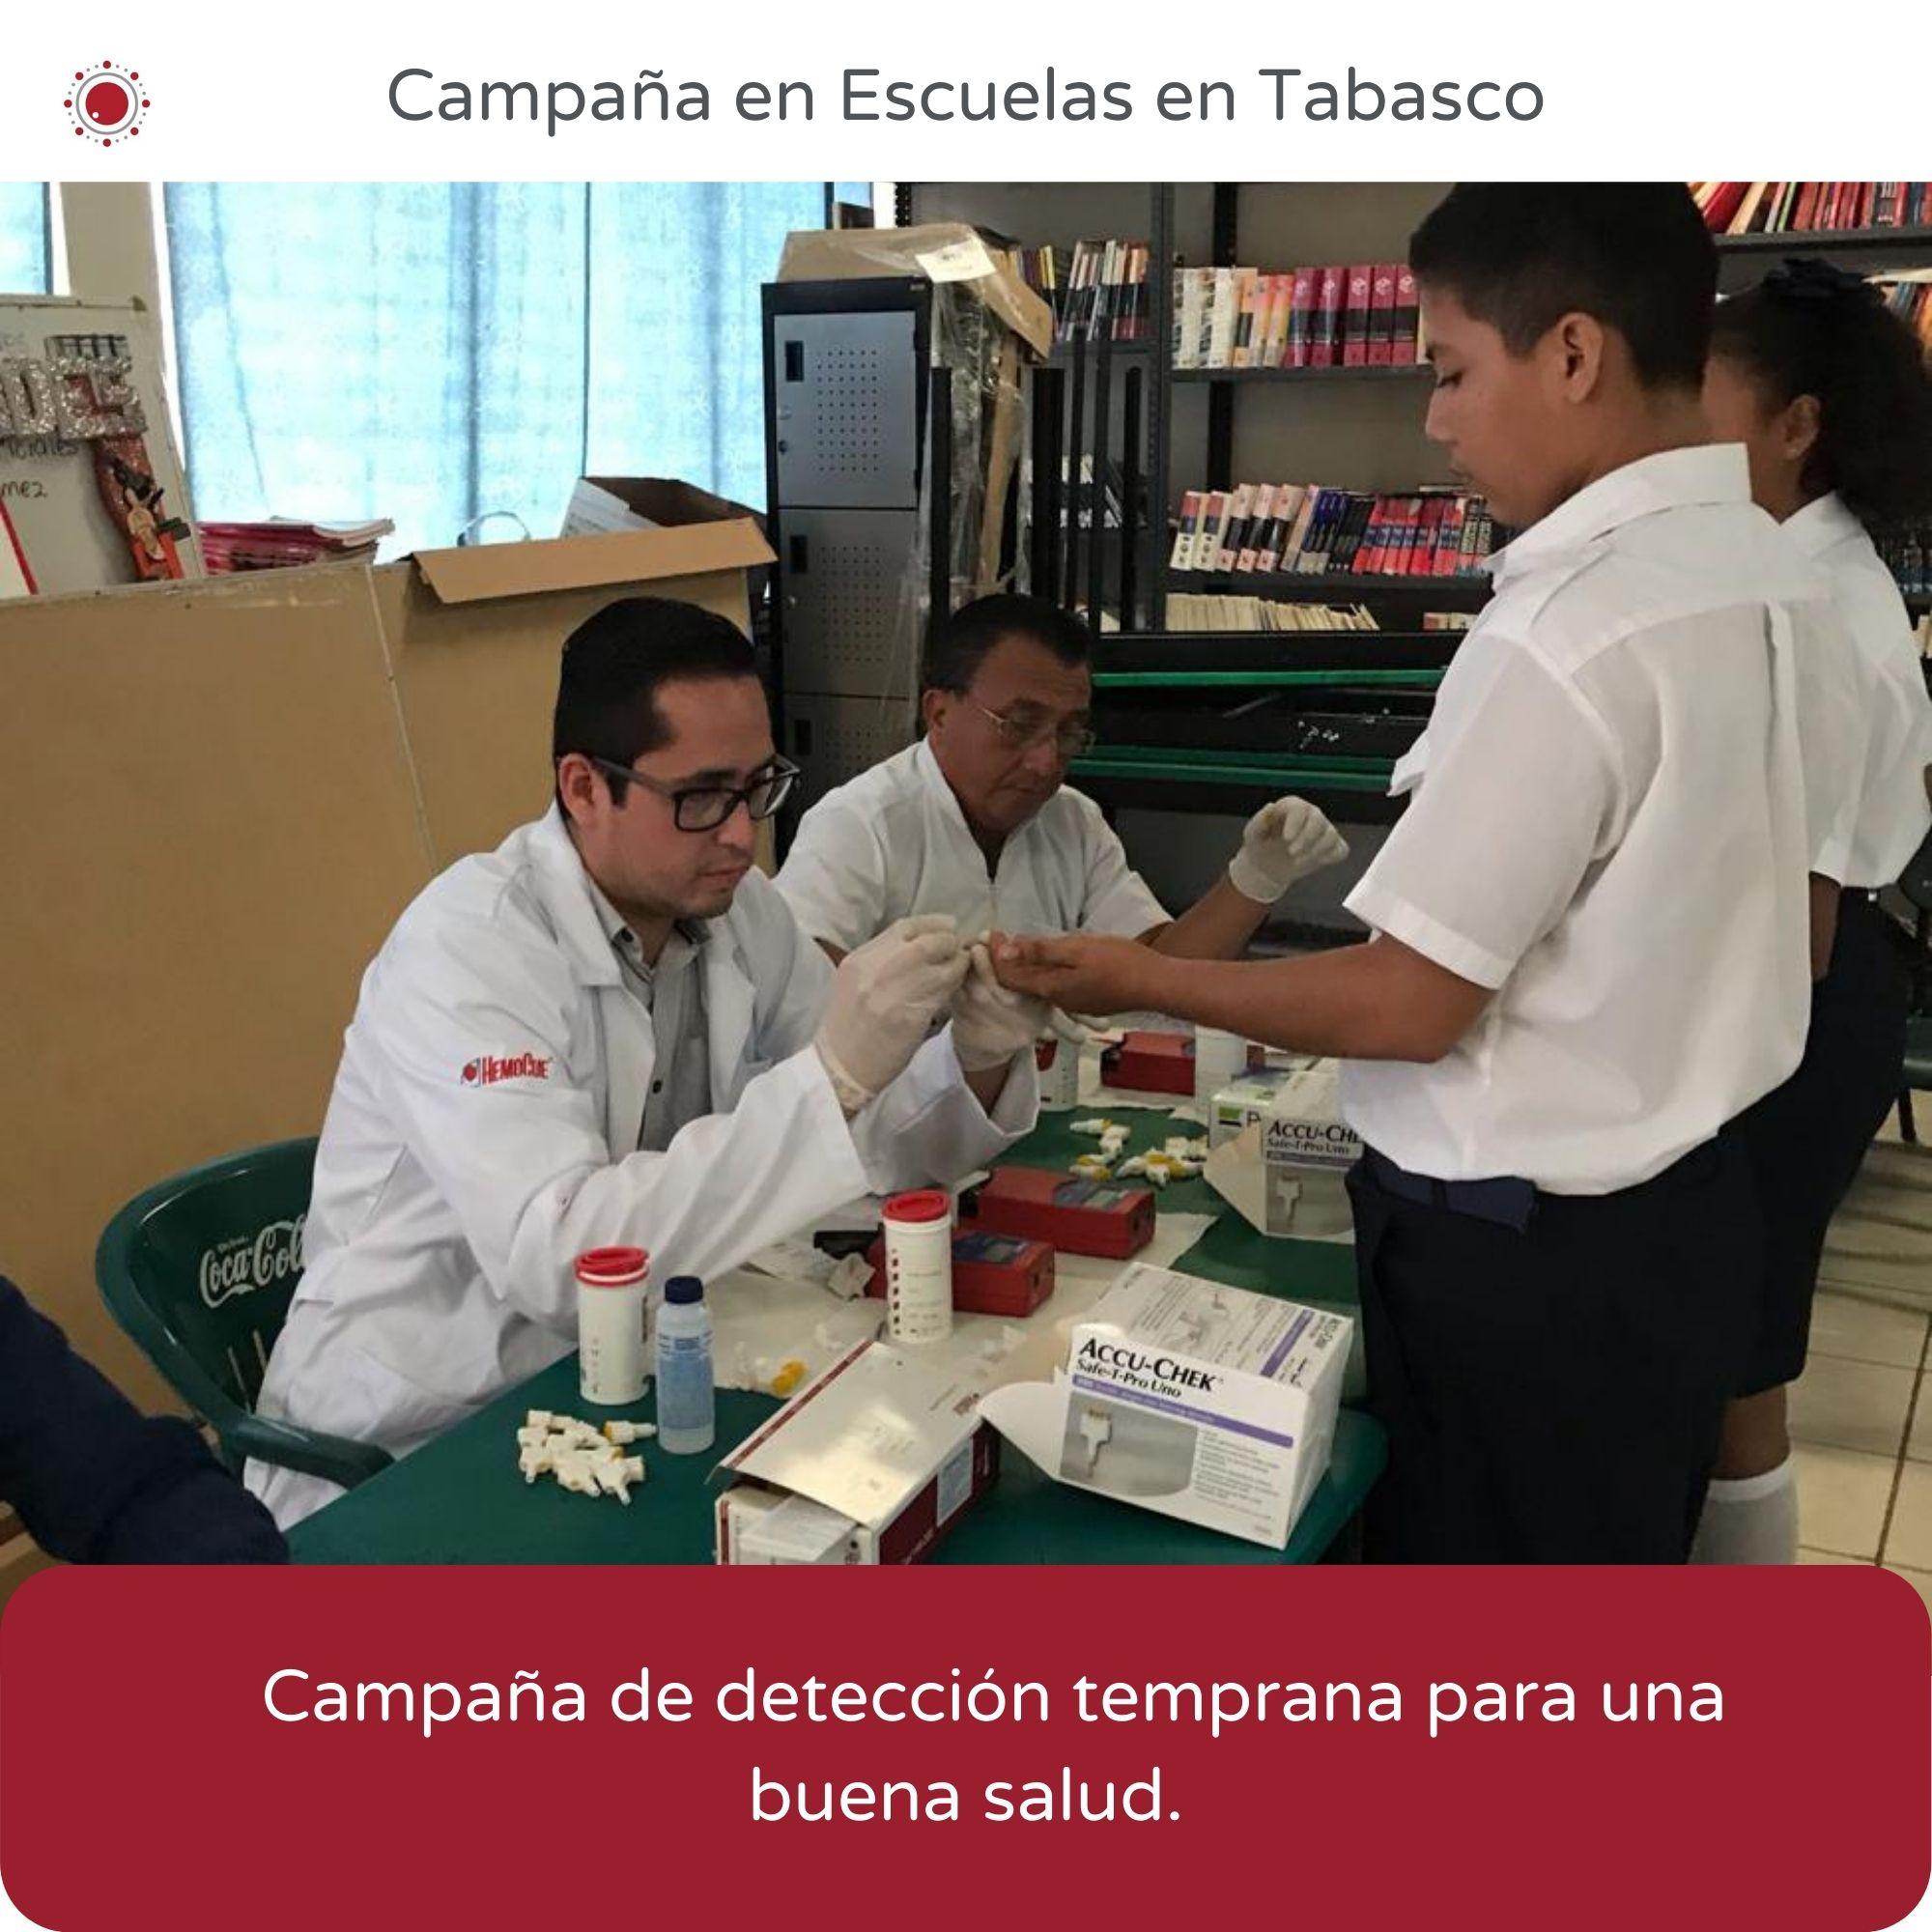 REBIO-Camapaña de escuelas en Tabasco